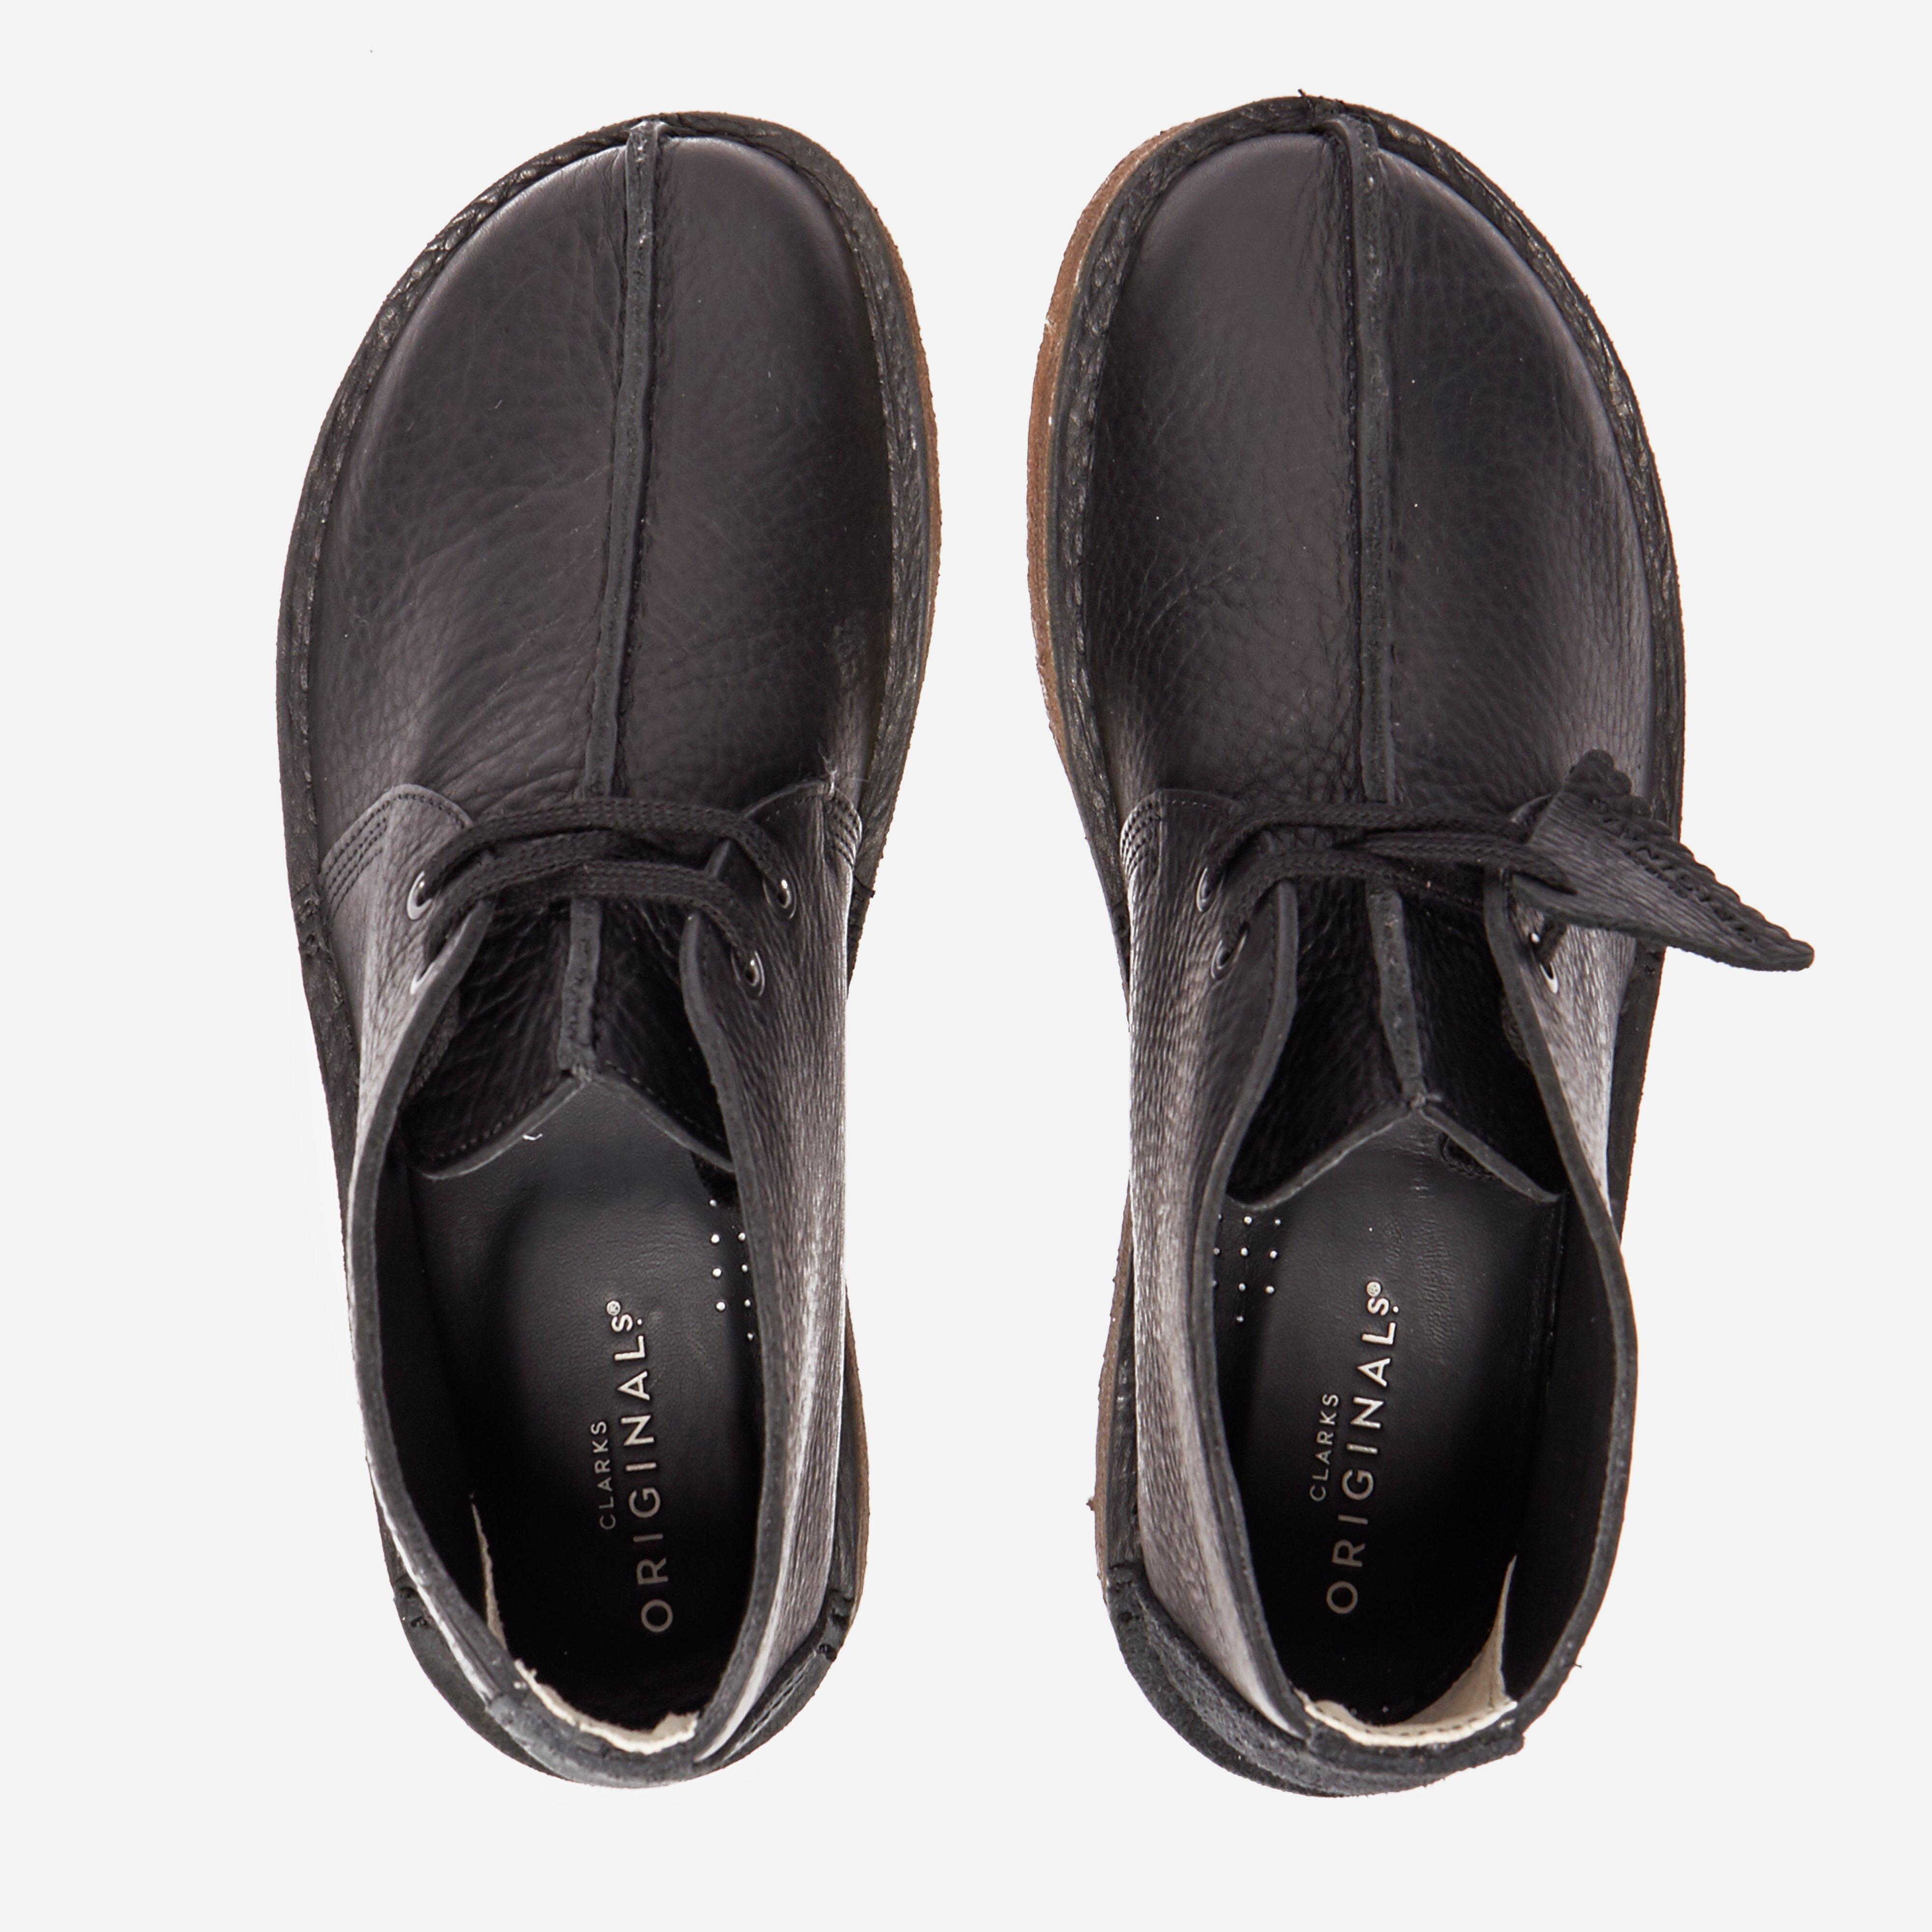 beste groothandel hete producten releasedatum Desert Trek Hi Leather